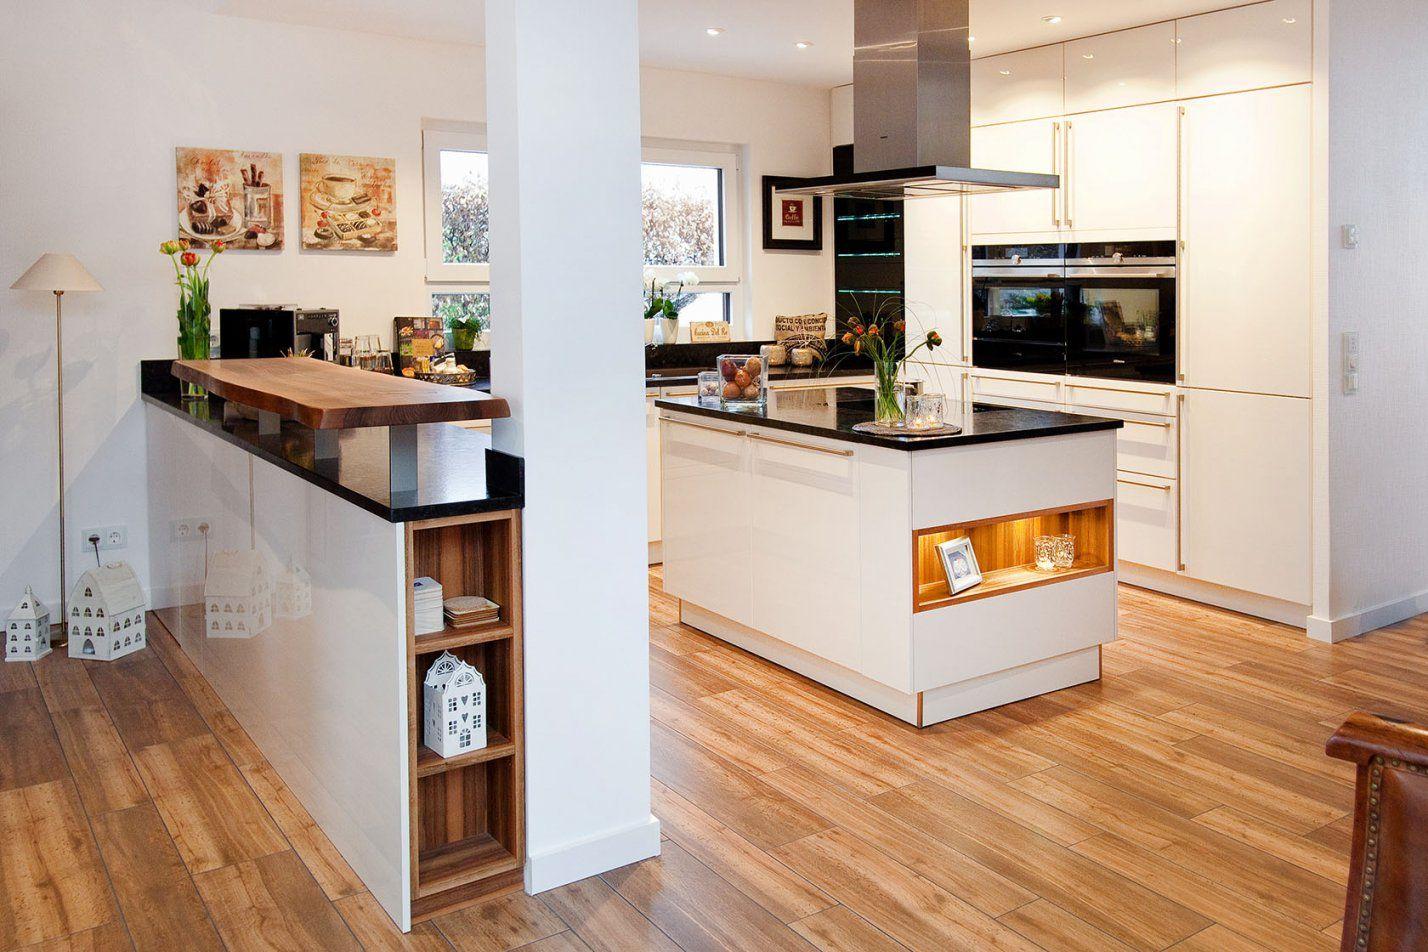 Perfekt Kochinsel Mit Tisch  Bolashak von Küche Mit Kochinsel Und Tisch Photo